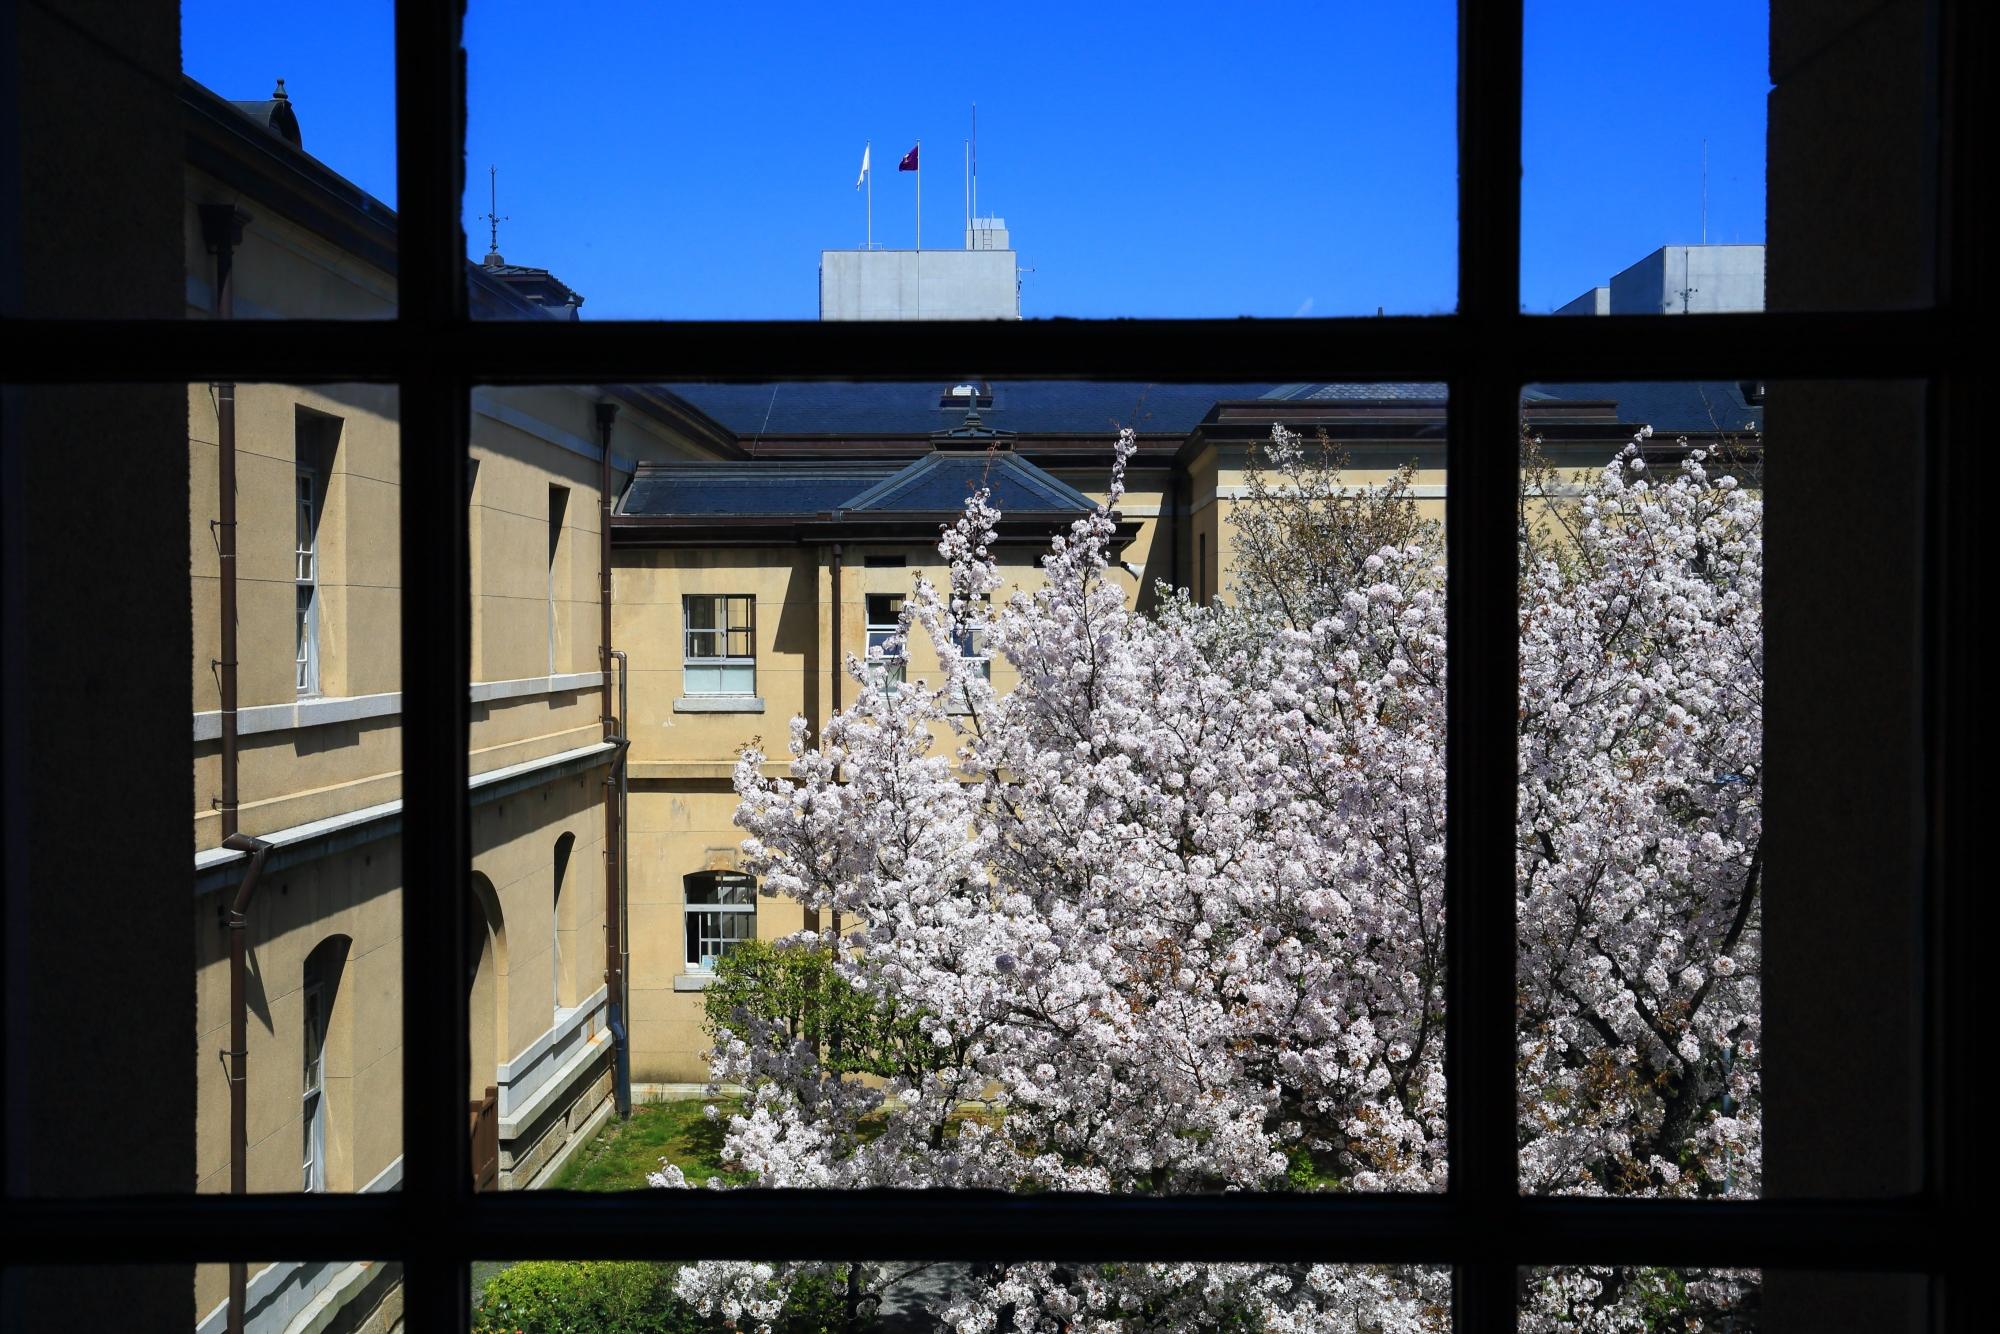 2階からの眺めた中庭の桜